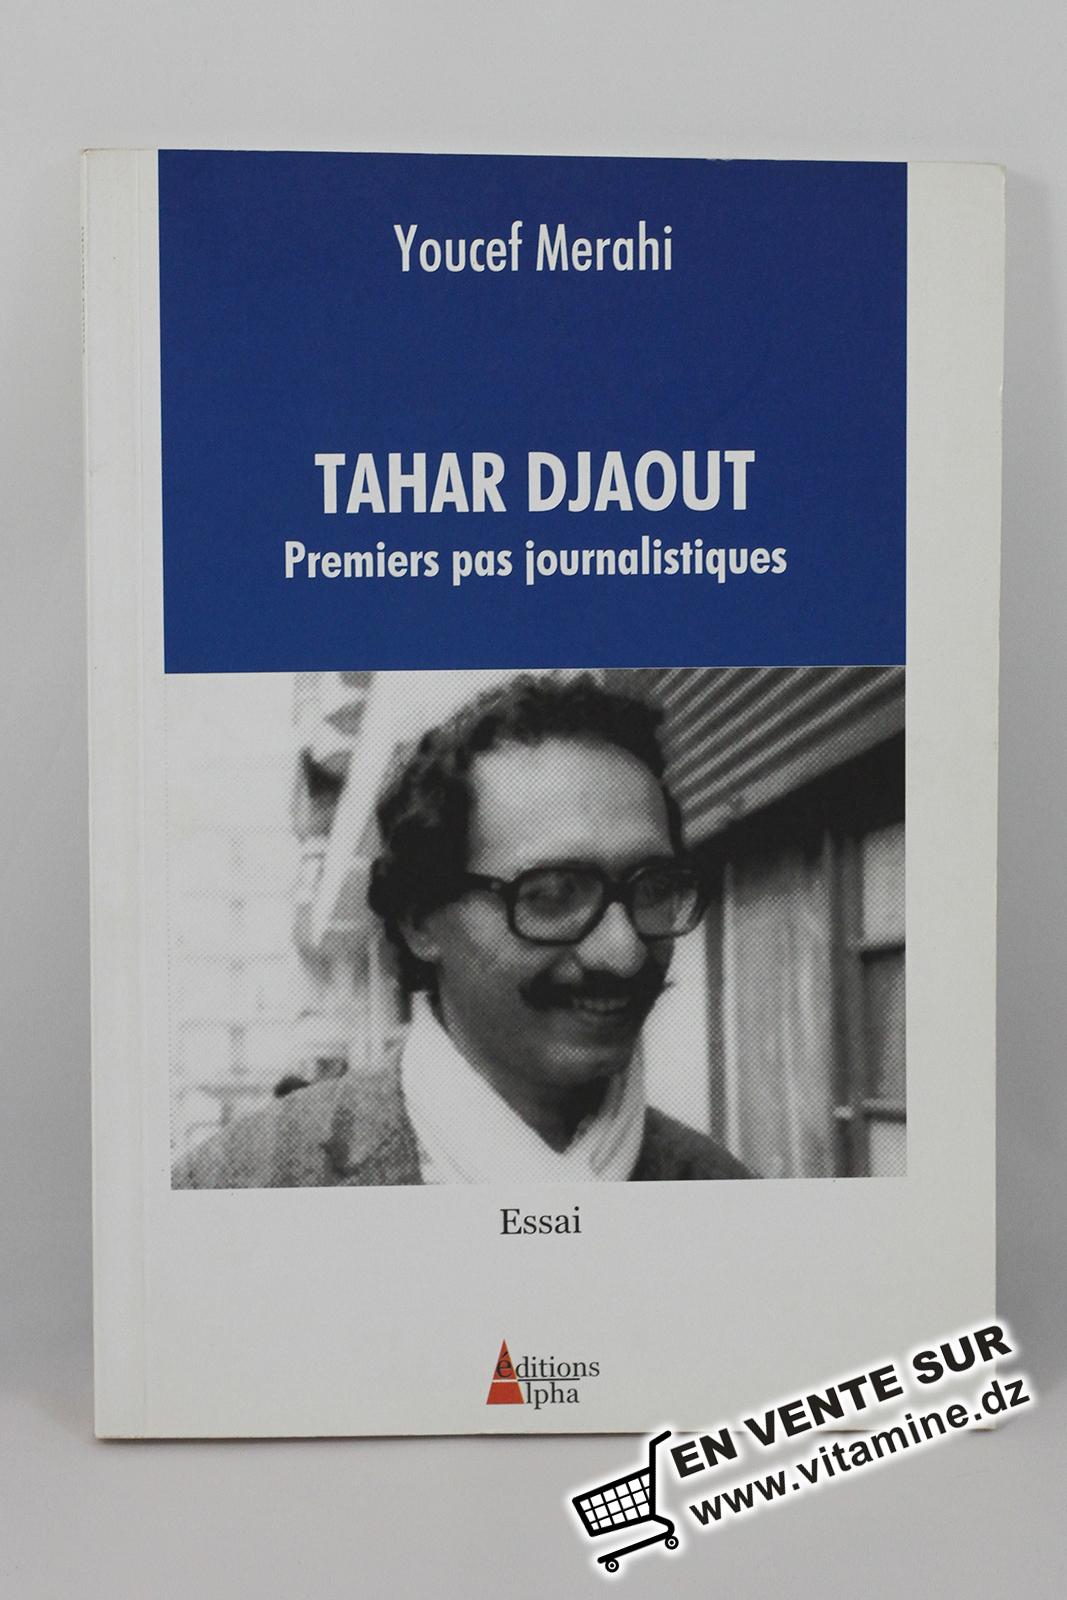 Youcef Merahi - Tahar Djaout, Premiers pas journalistiques